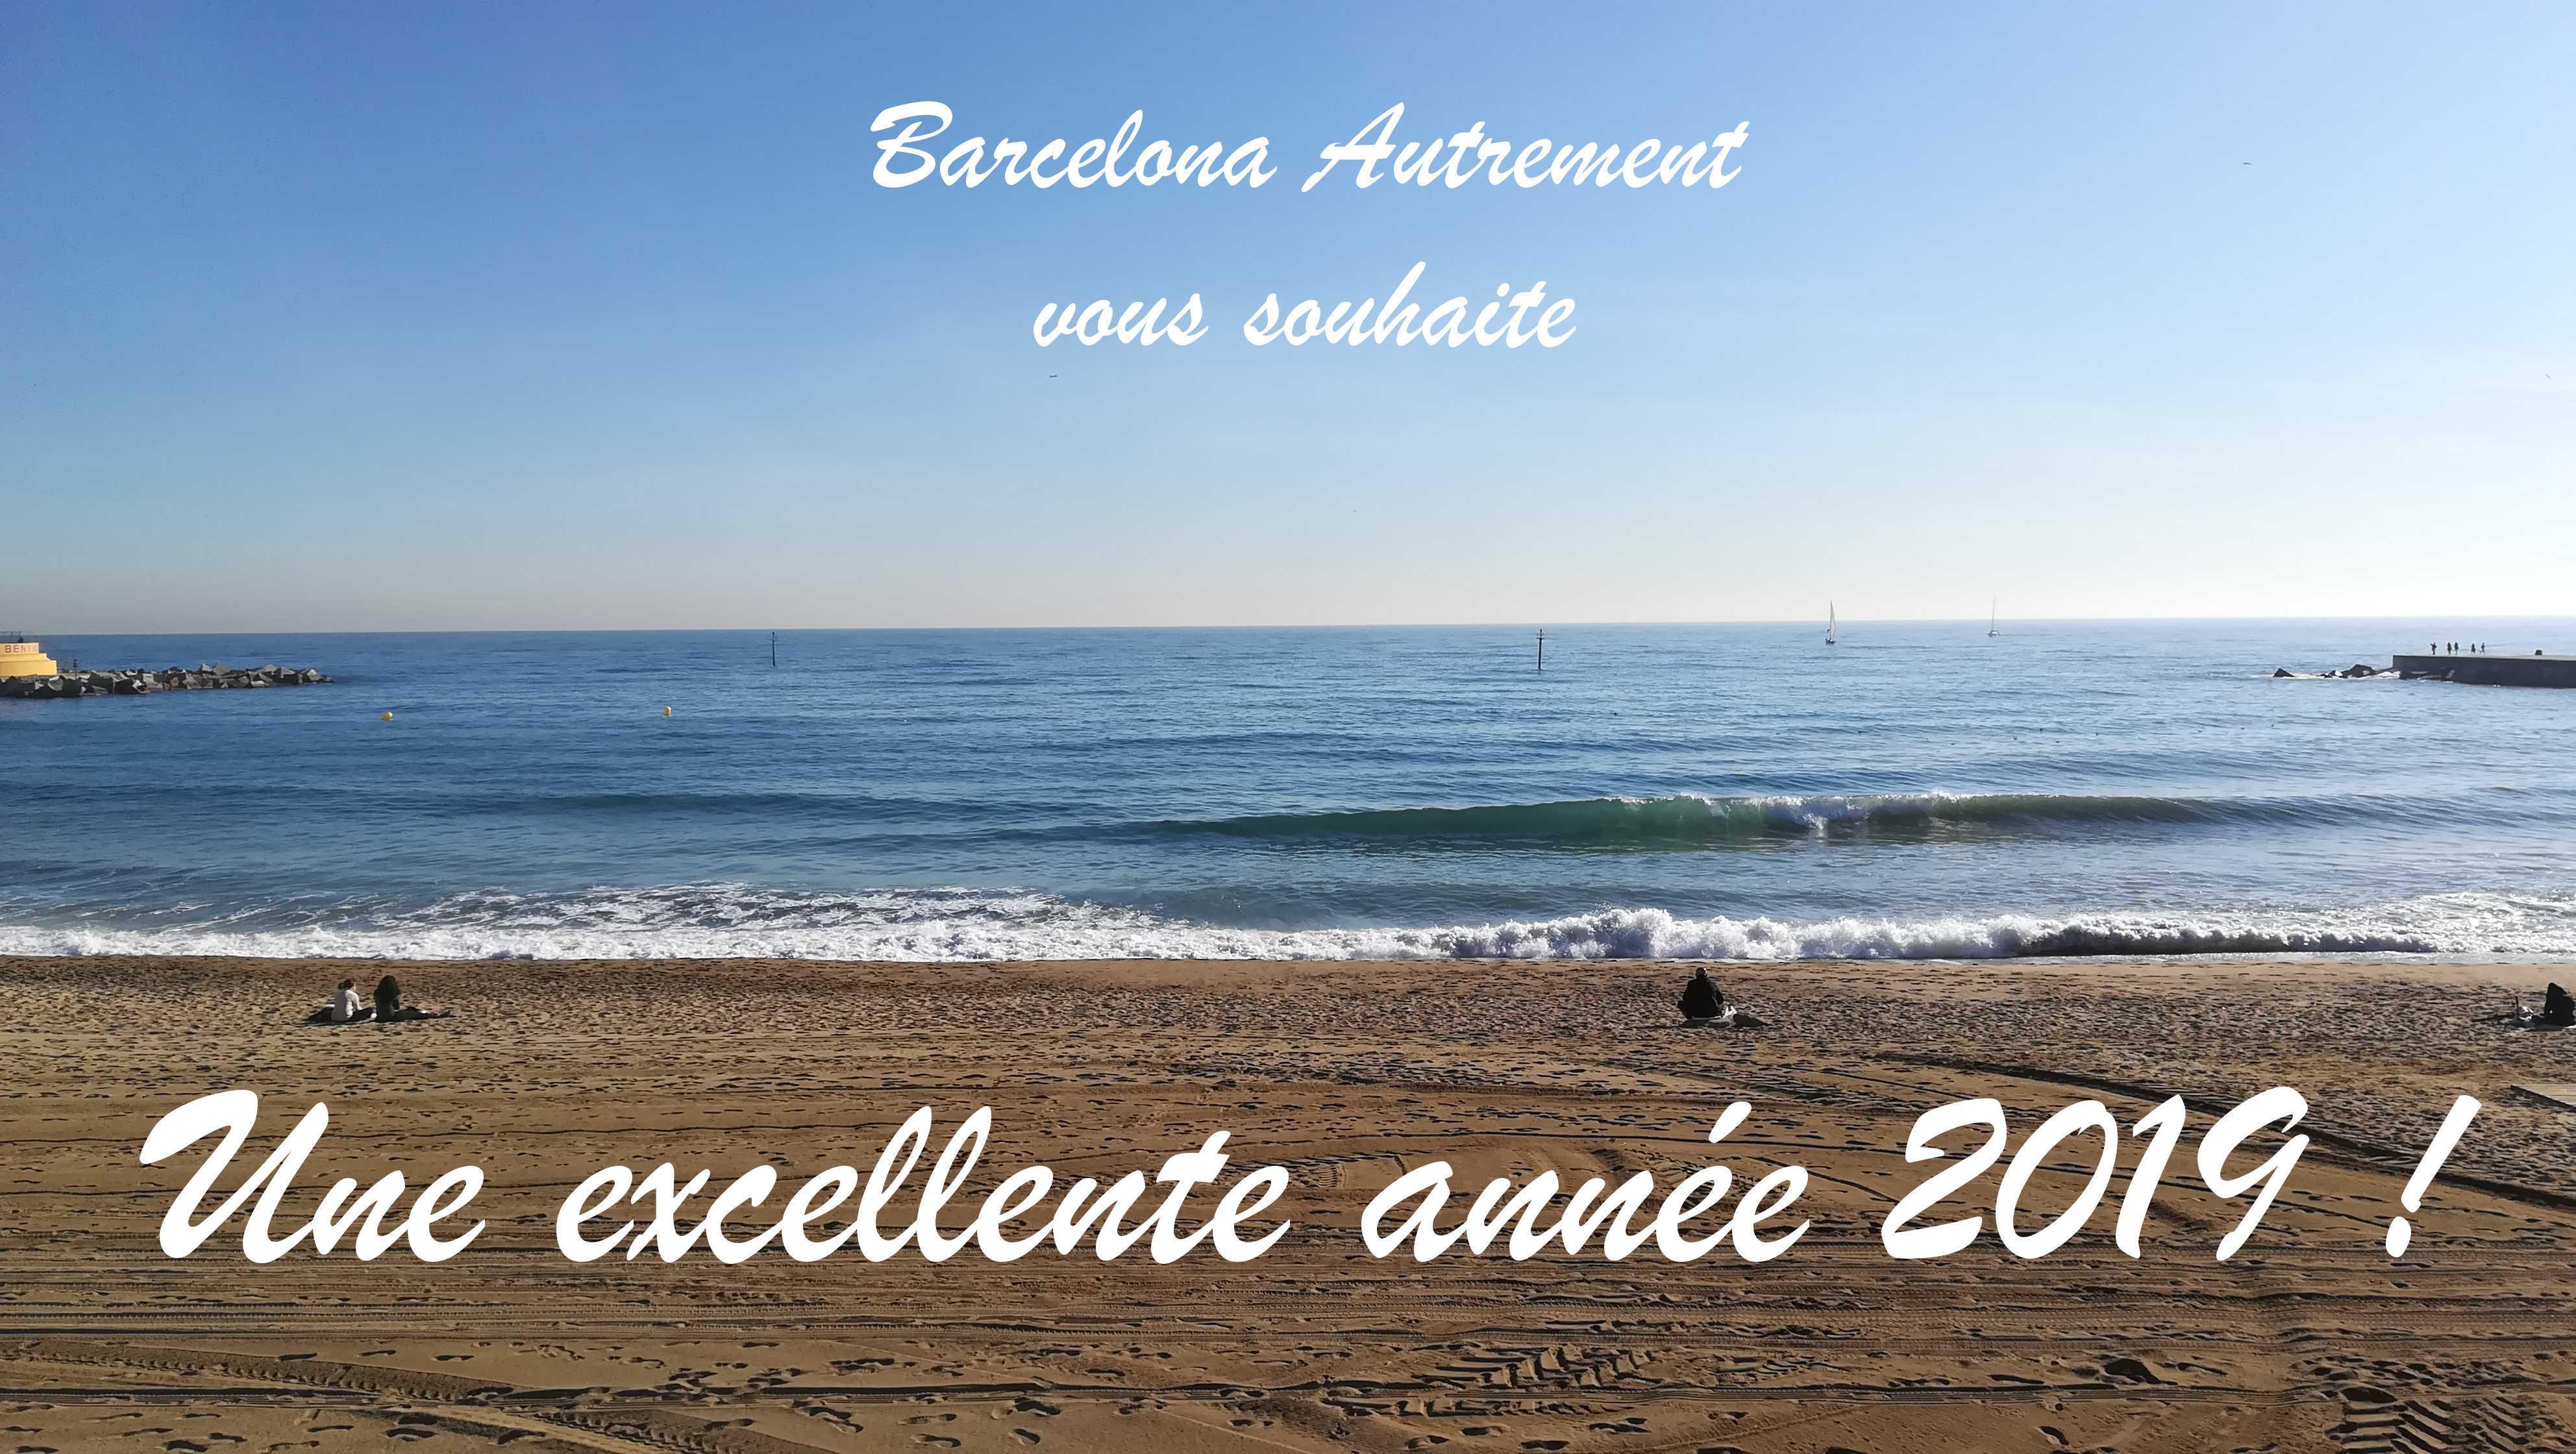 Barcelona Autrement - Excellente année 2019